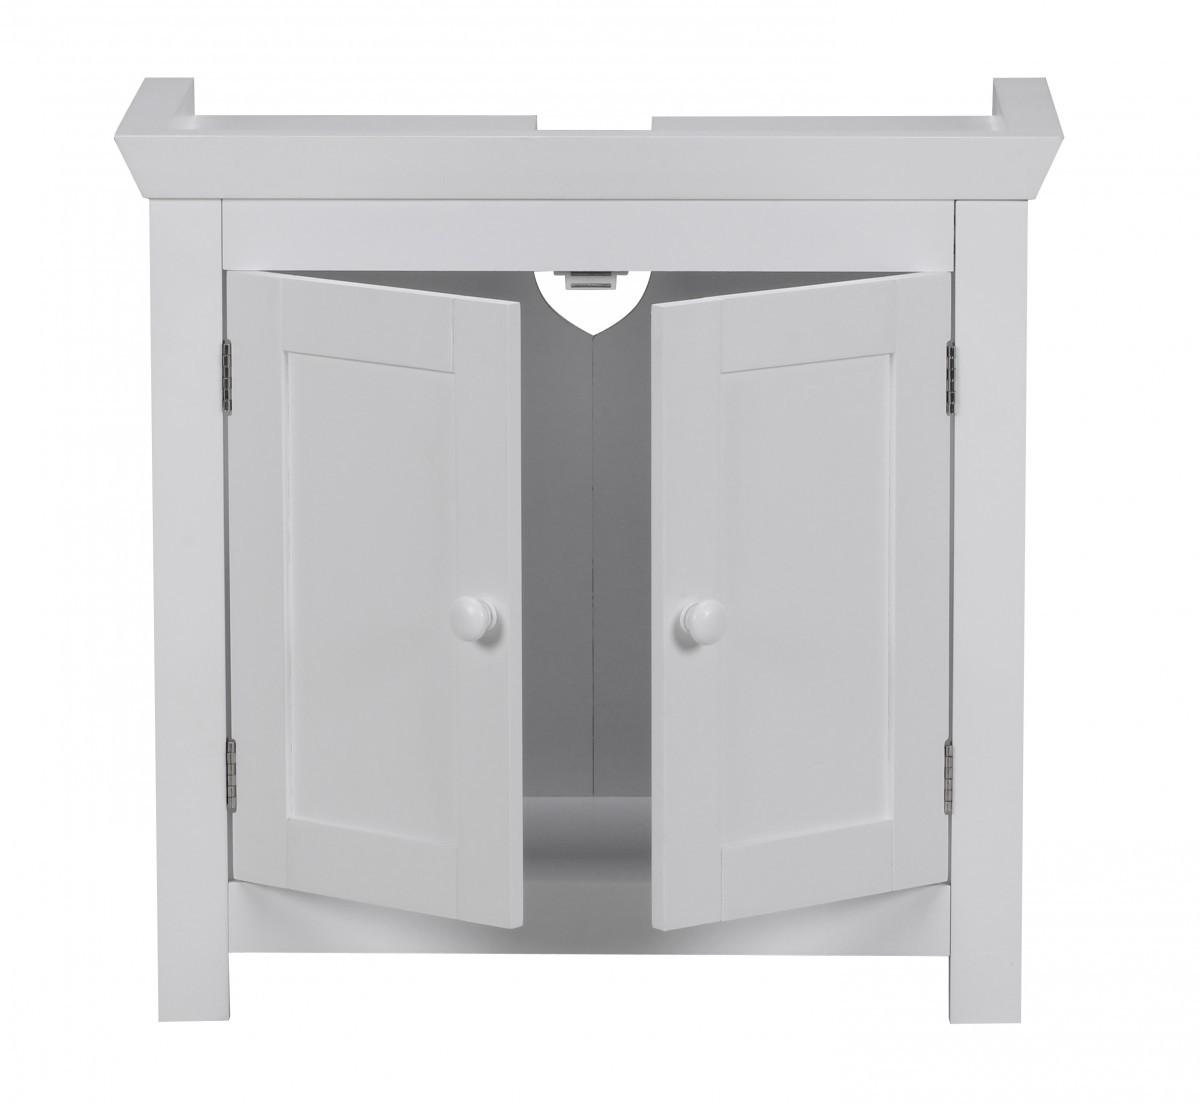 finebuy bad waschbecken unterschrank 55 5 x 57 x 30 cm 2 t ren wei 37103. Black Bedroom Furniture Sets. Home Design Ideas